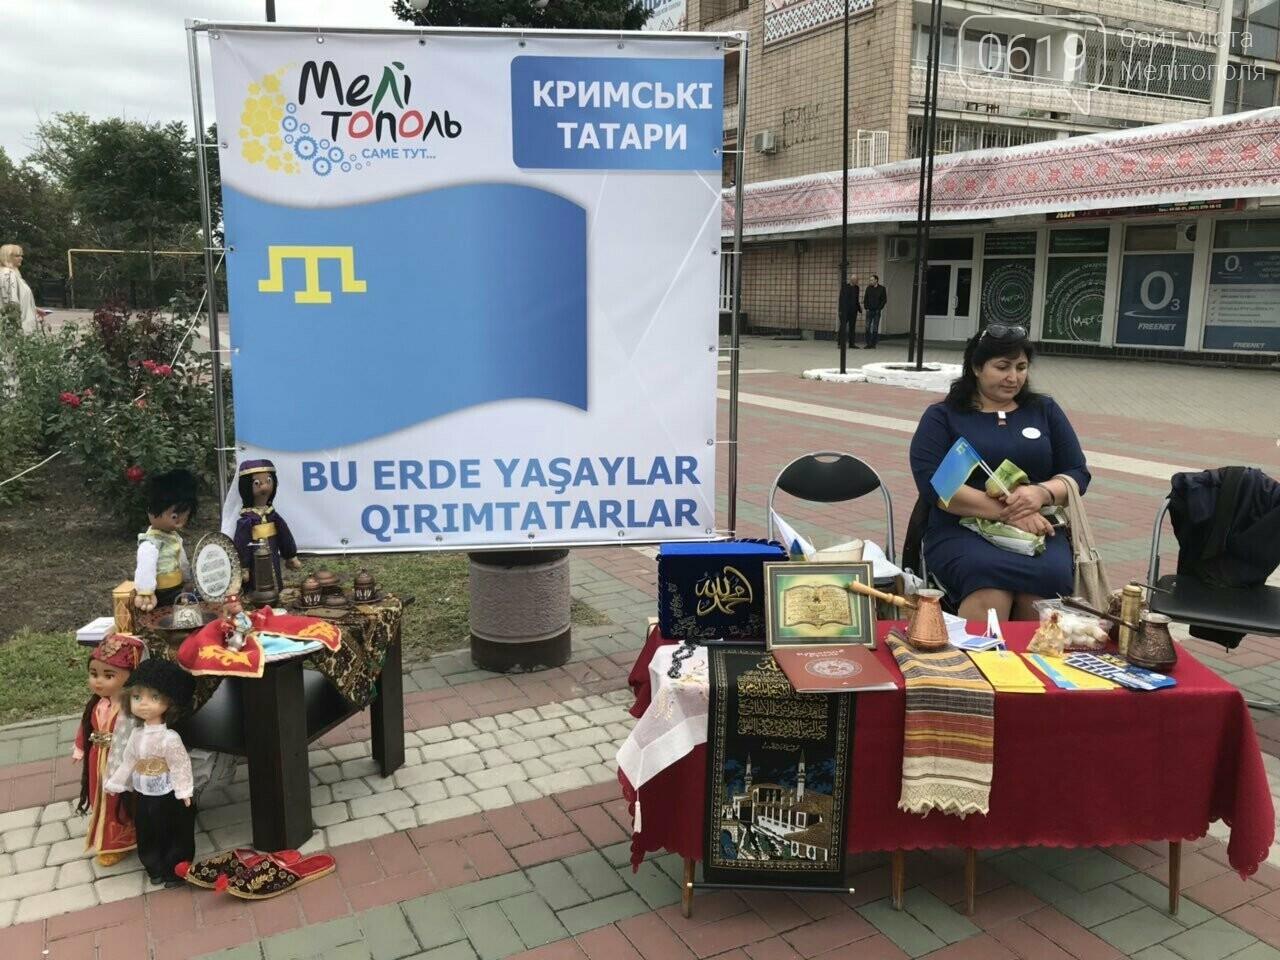 Вкусные блюда, яркие костюмы, выставки-ярмарки: в Мелитополе проходит фестиваль национальных культур, фото-19